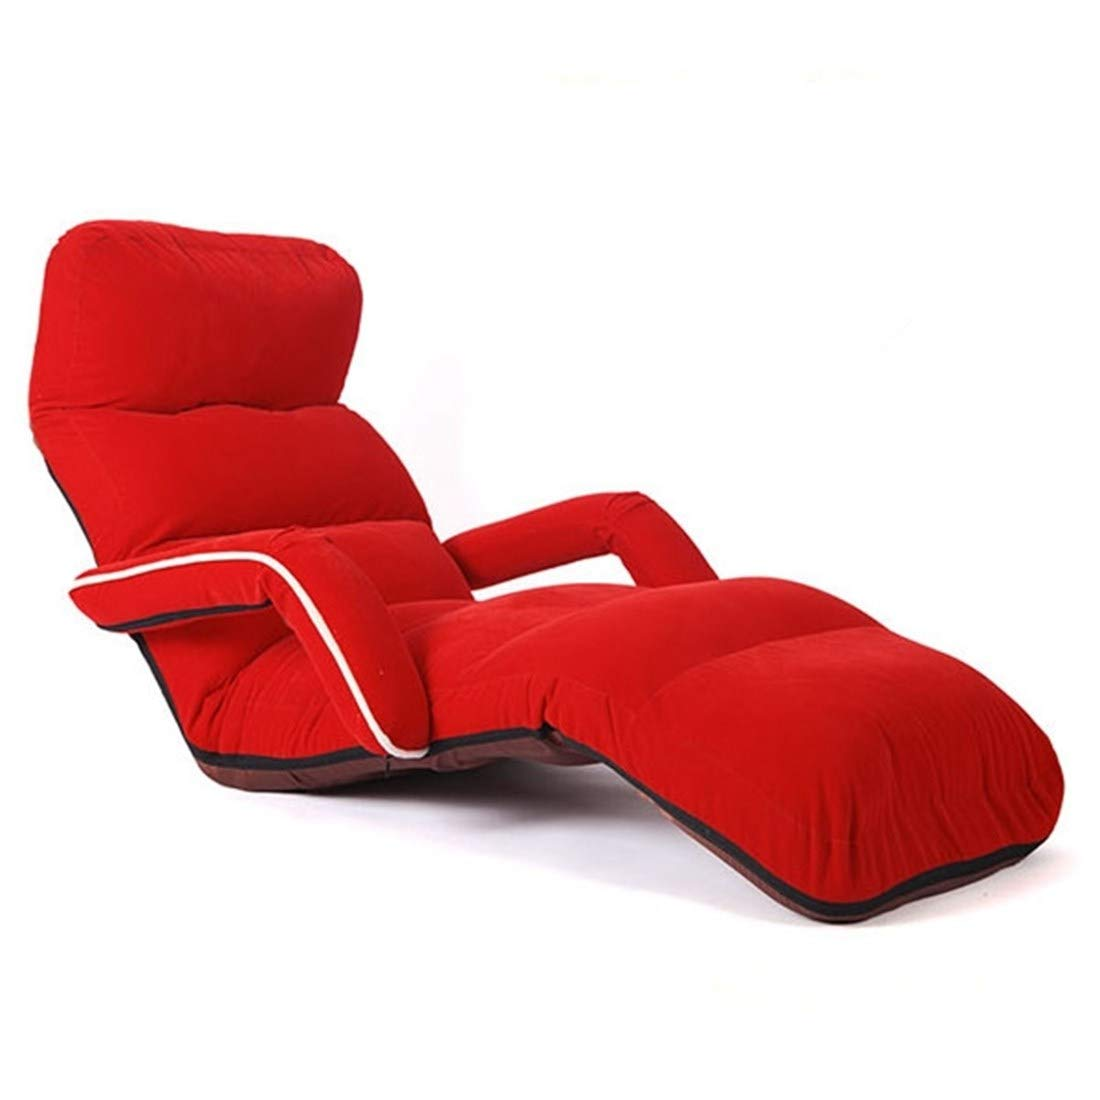 Malilove 1 Pack, Chaise Lounge Sillas para el Dormitorio ...